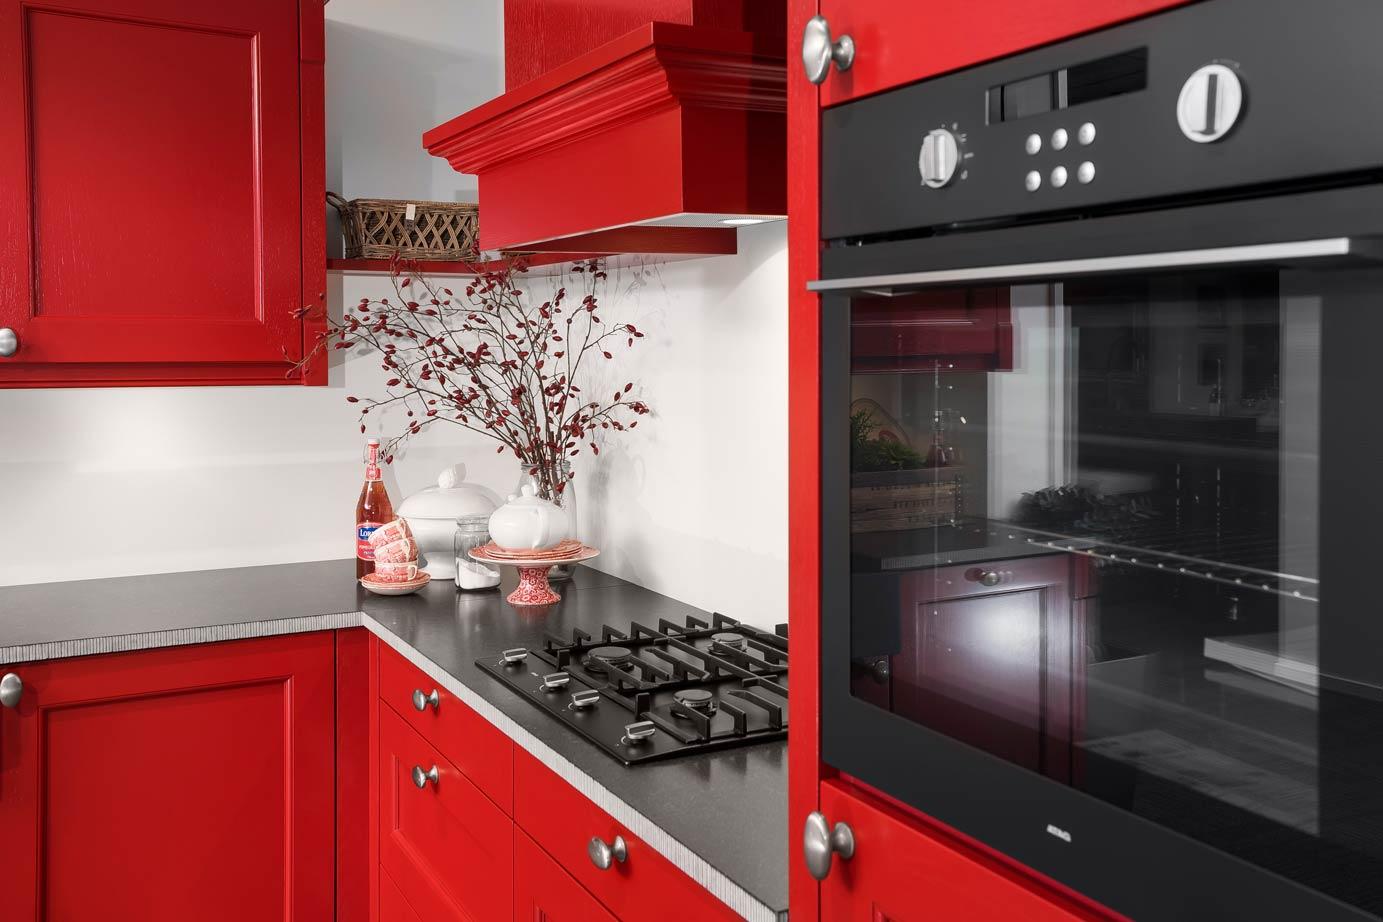 Kopen 50 Db Bekijk Met Rode Keukens Voorbeelden Prijs q5g1qwU4